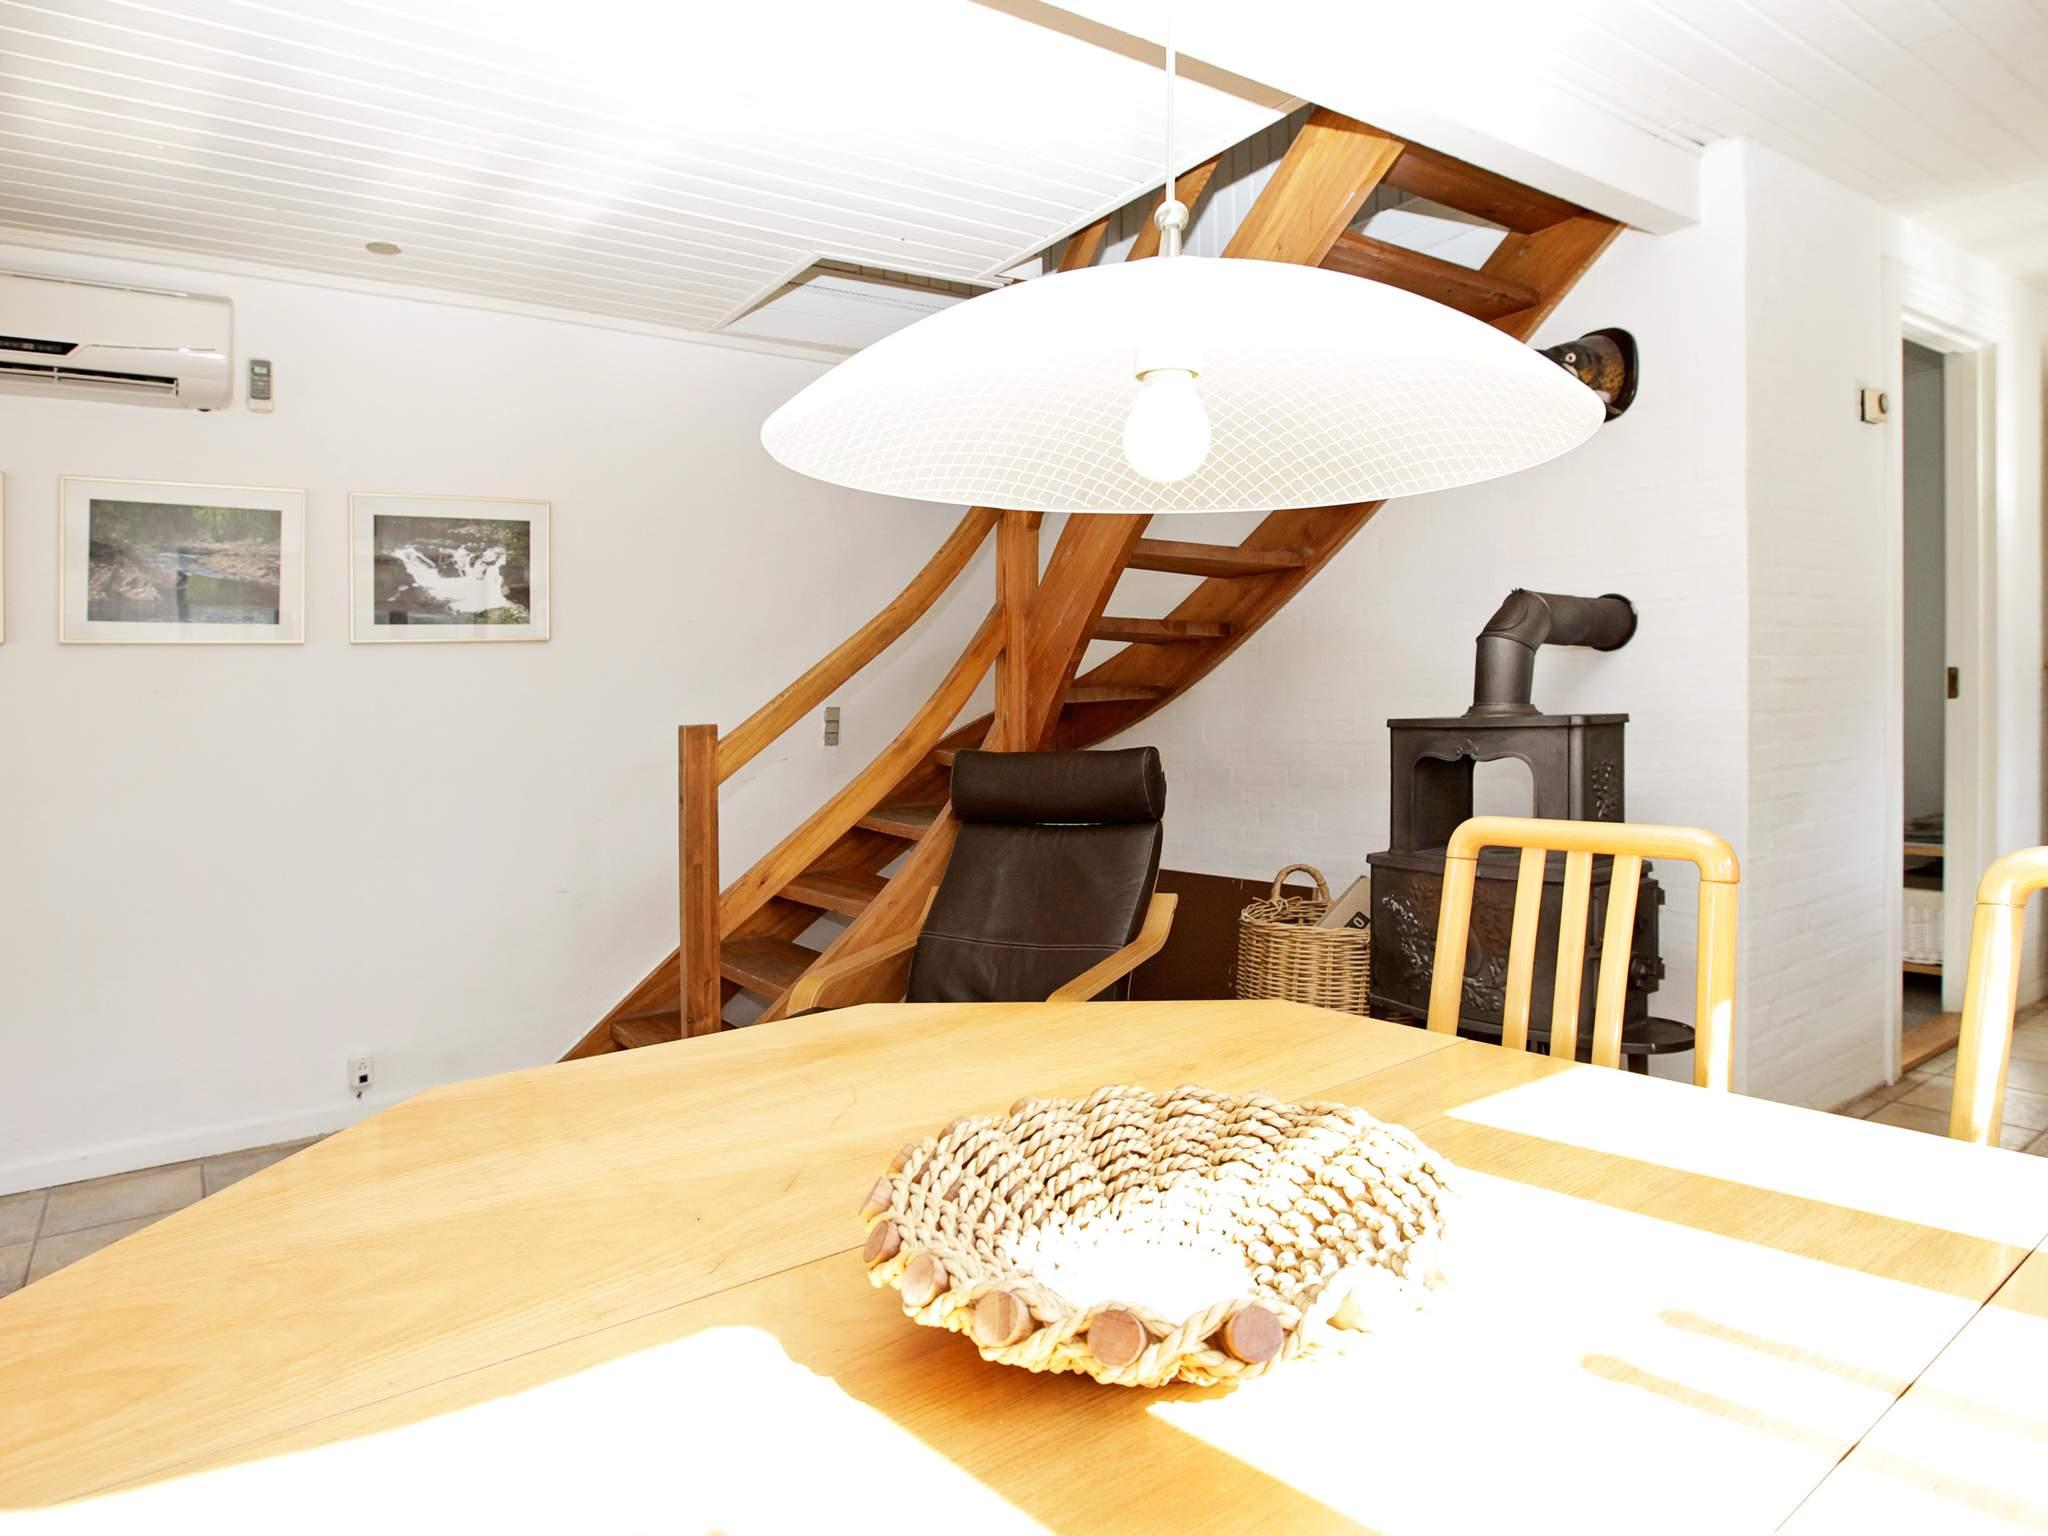 Ferienhaus Silkeborg (757425), Silkeborg, , Ostjütland, Dänemark, Bild 4